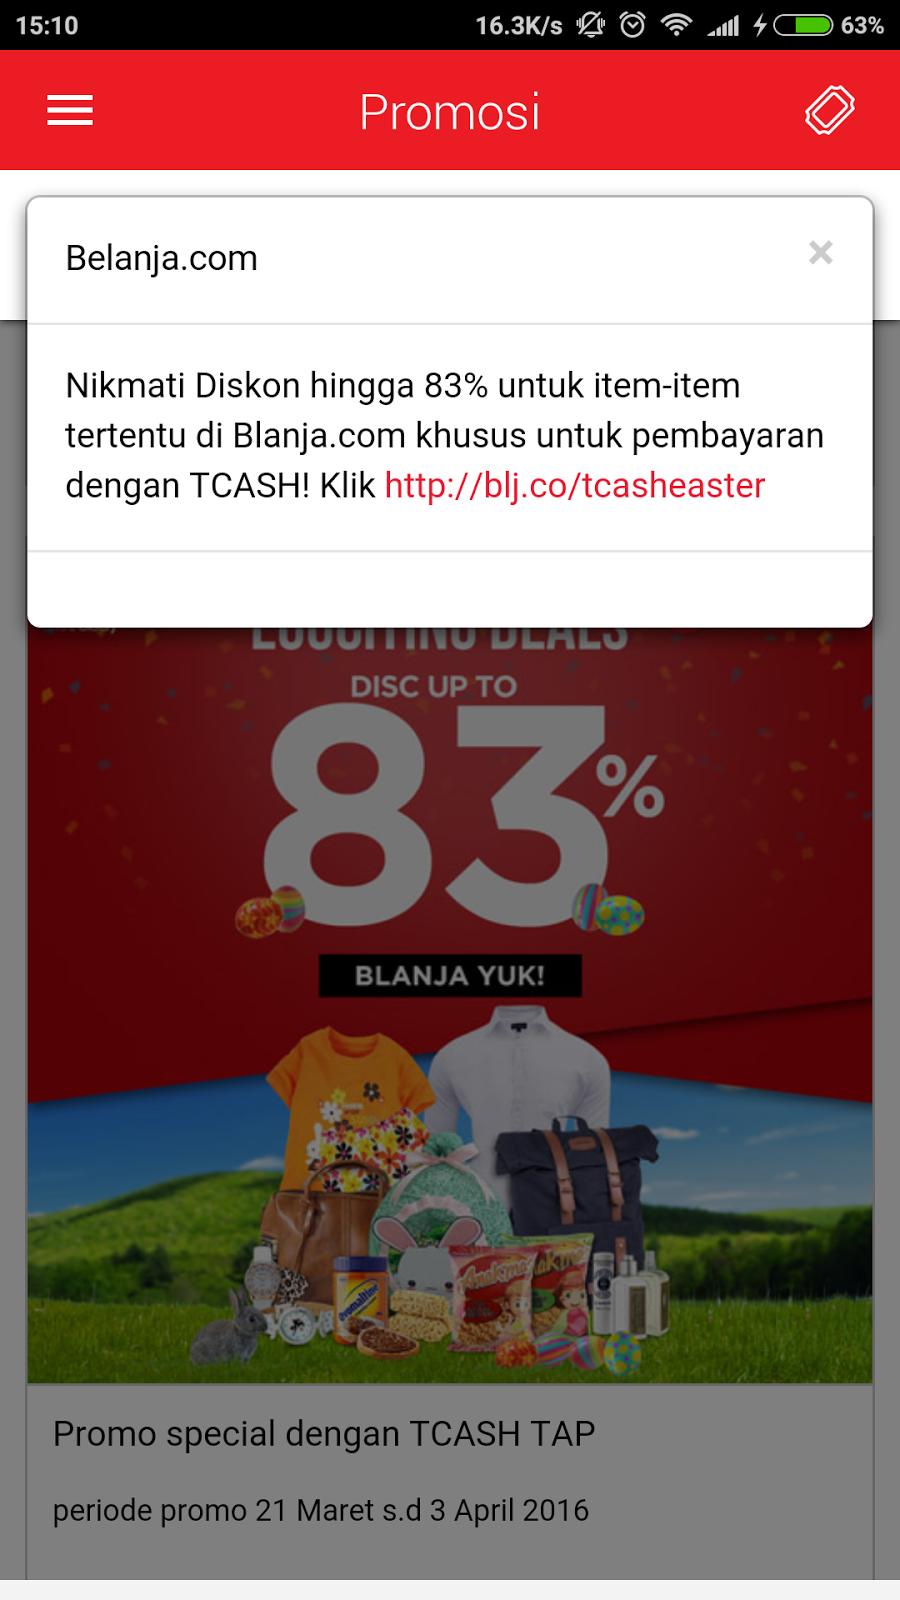 Promo Online Shopping di Blanja com dengan T-Cash Payment